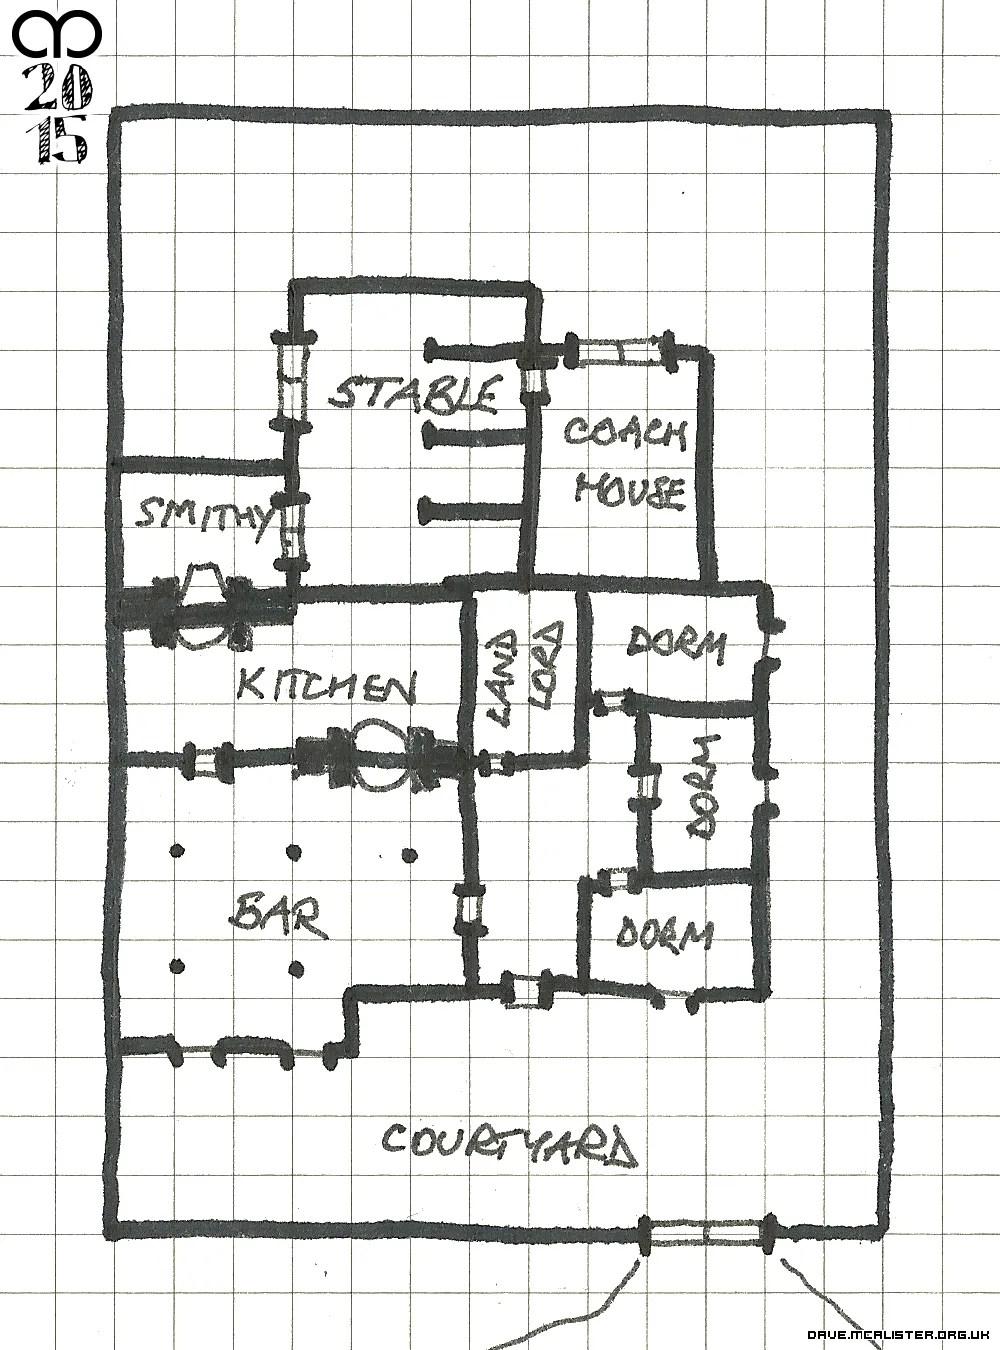 A Roadside Inn Map